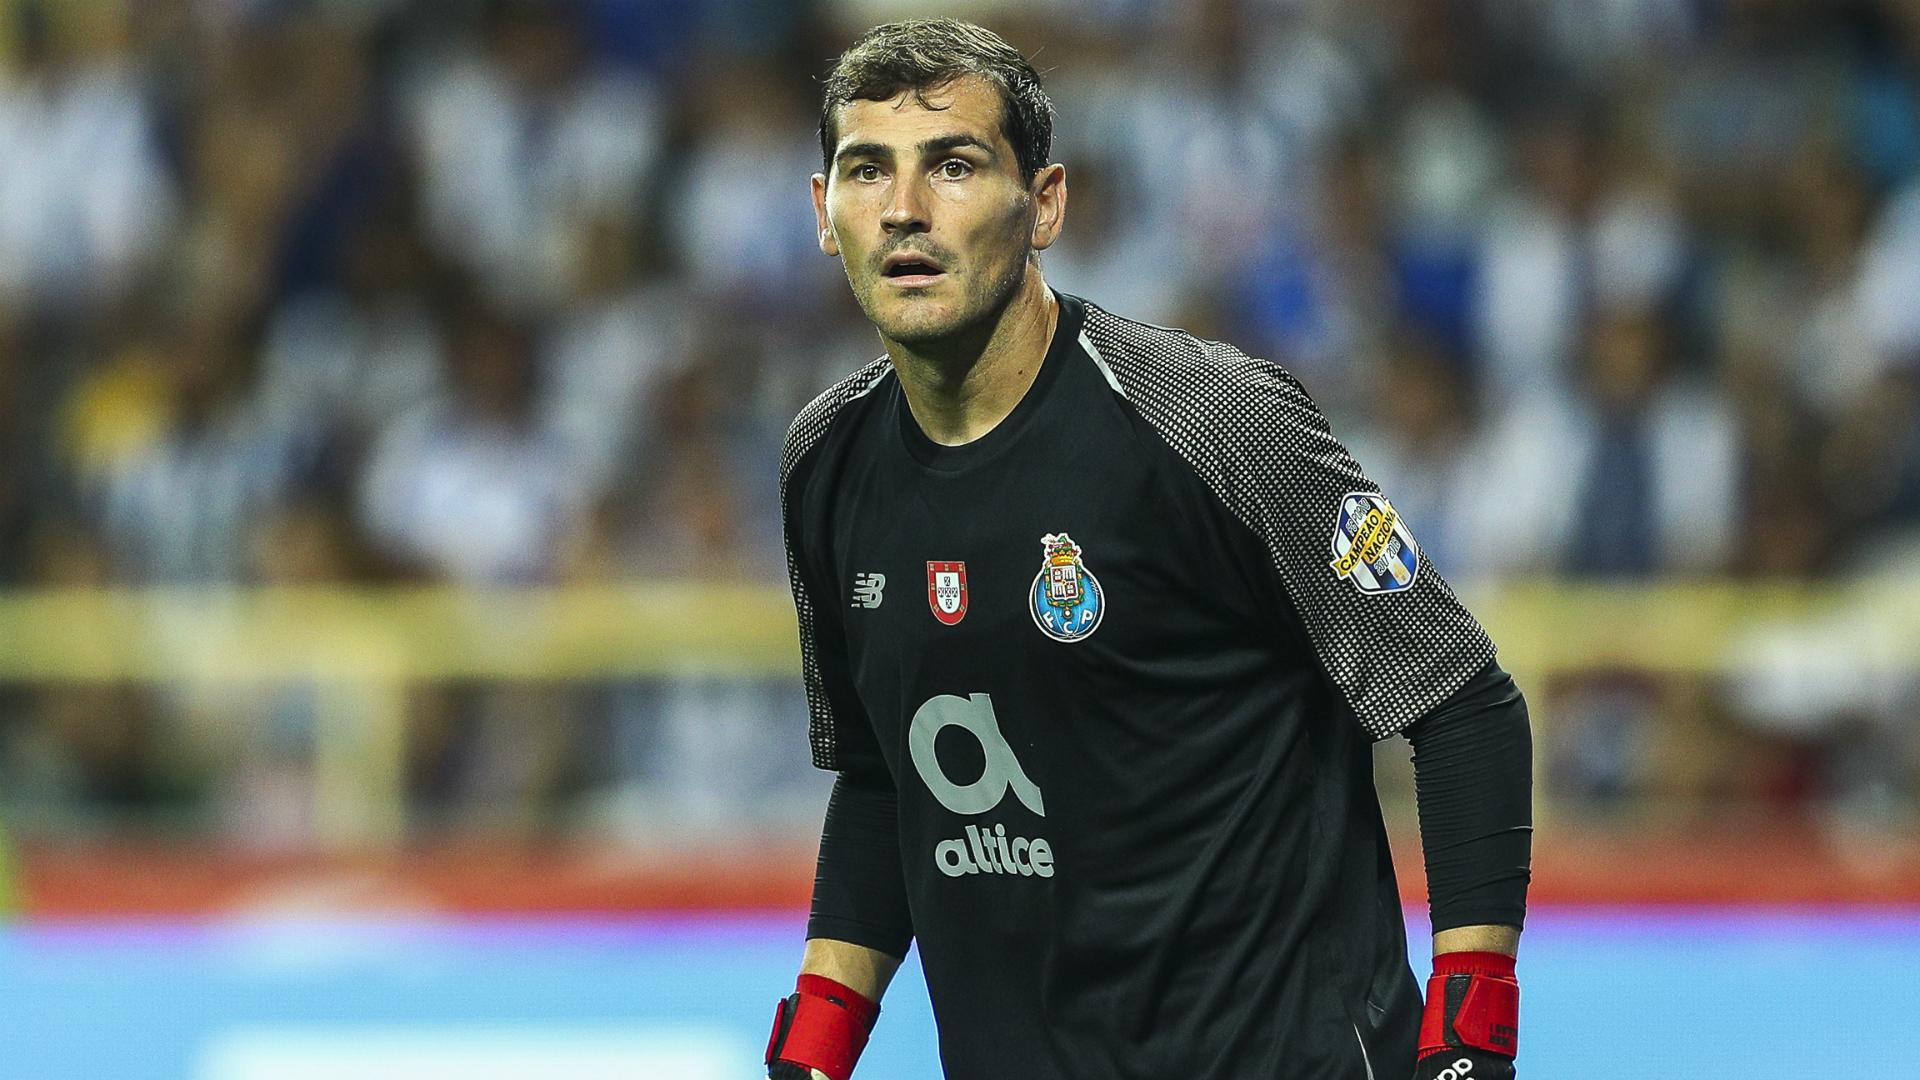 Spain great Casillas pulls out of RFEF presidency bid